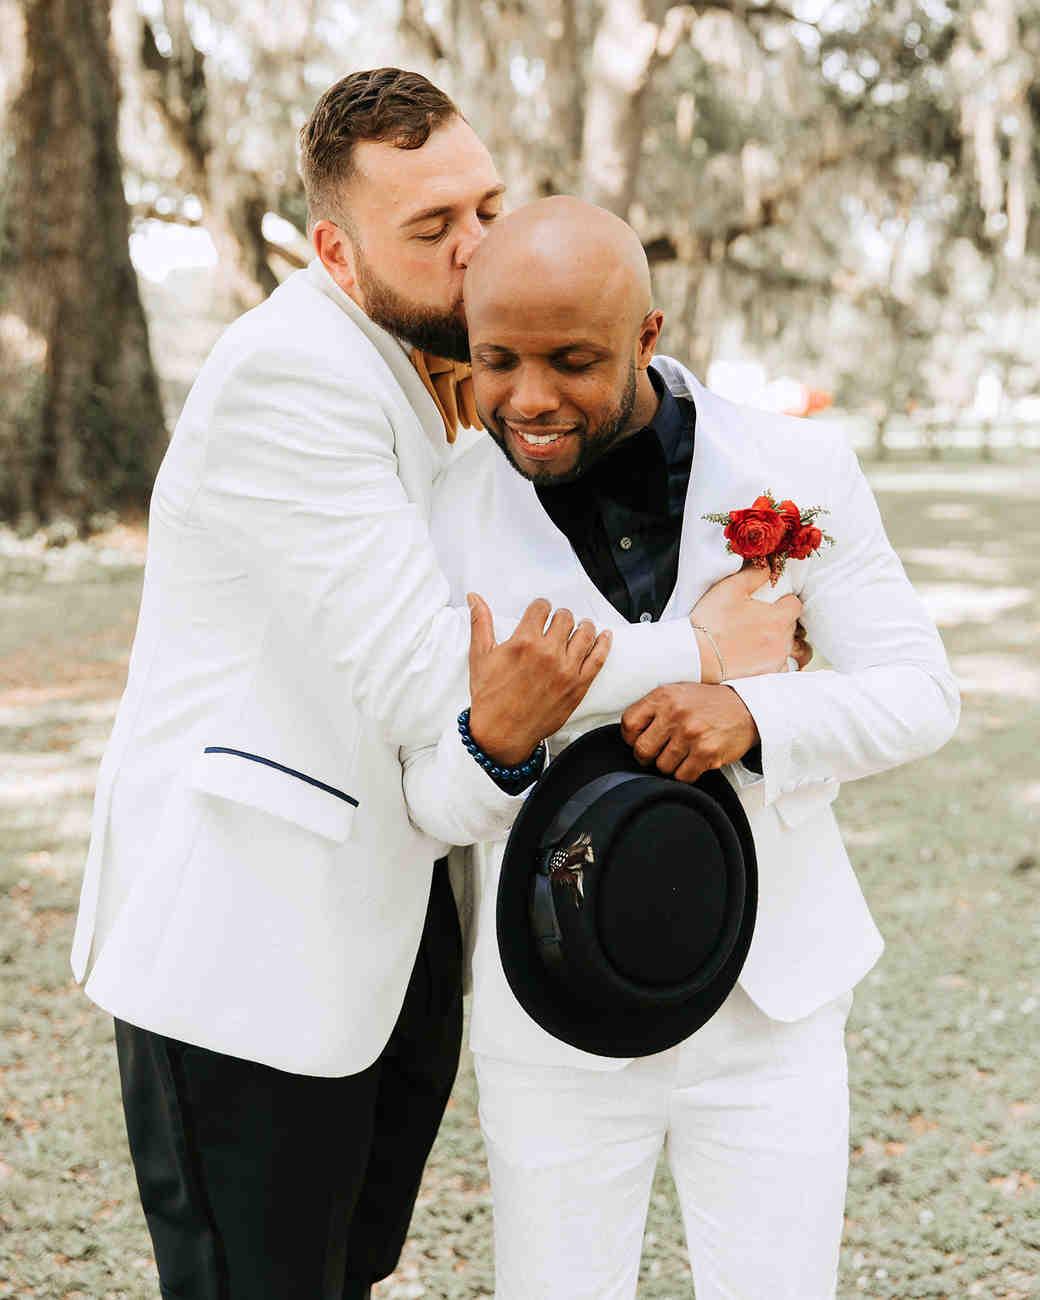 joe-tim-wedding-grooms-0549-1018_vert.jpg